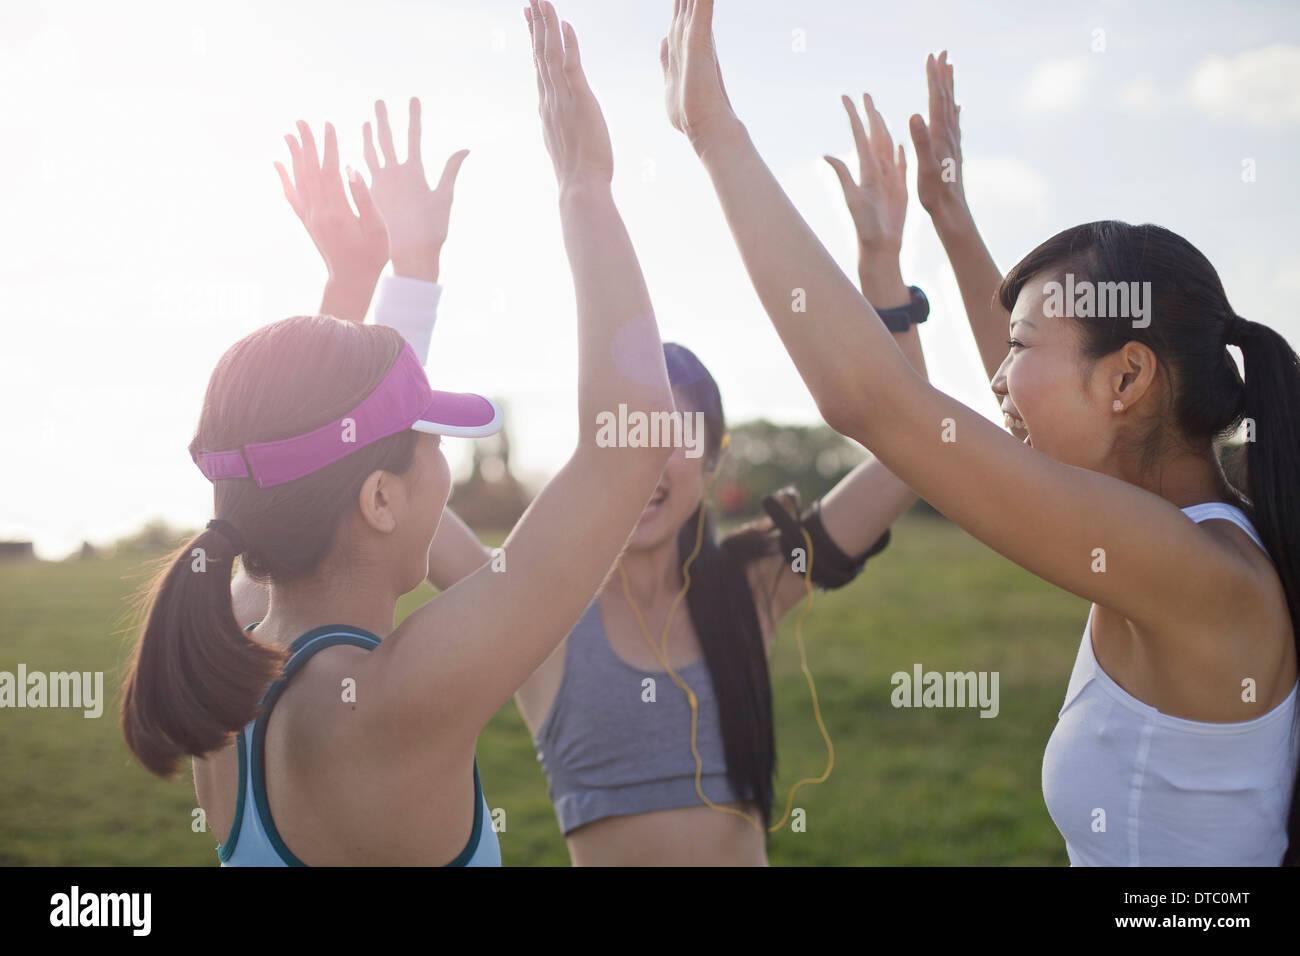 Three young female runners preparing to run - Stock Image